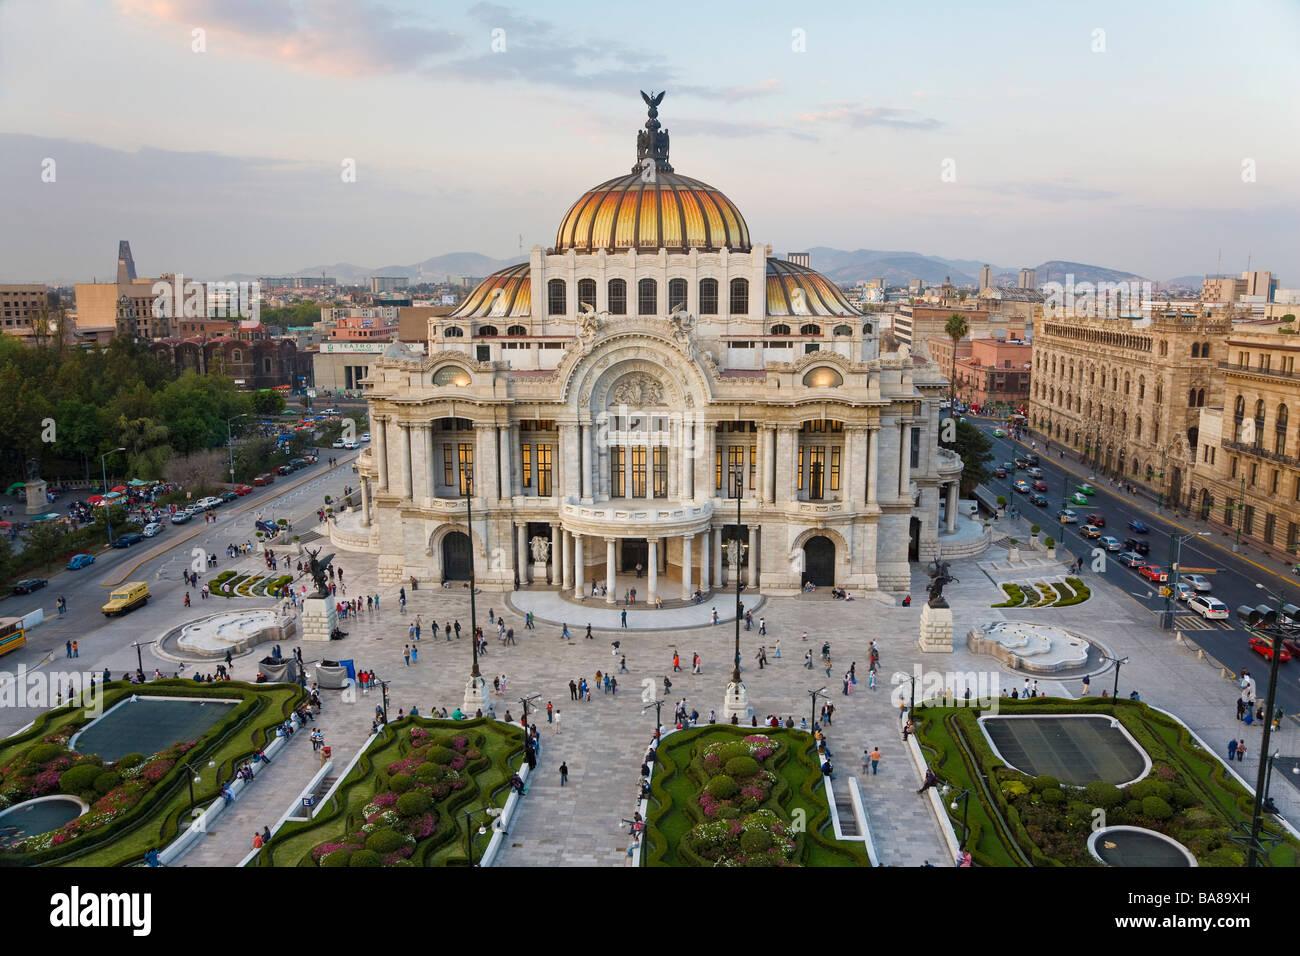 Palacio del Belles Artes Città del Messico MESSICO Immagini Stock